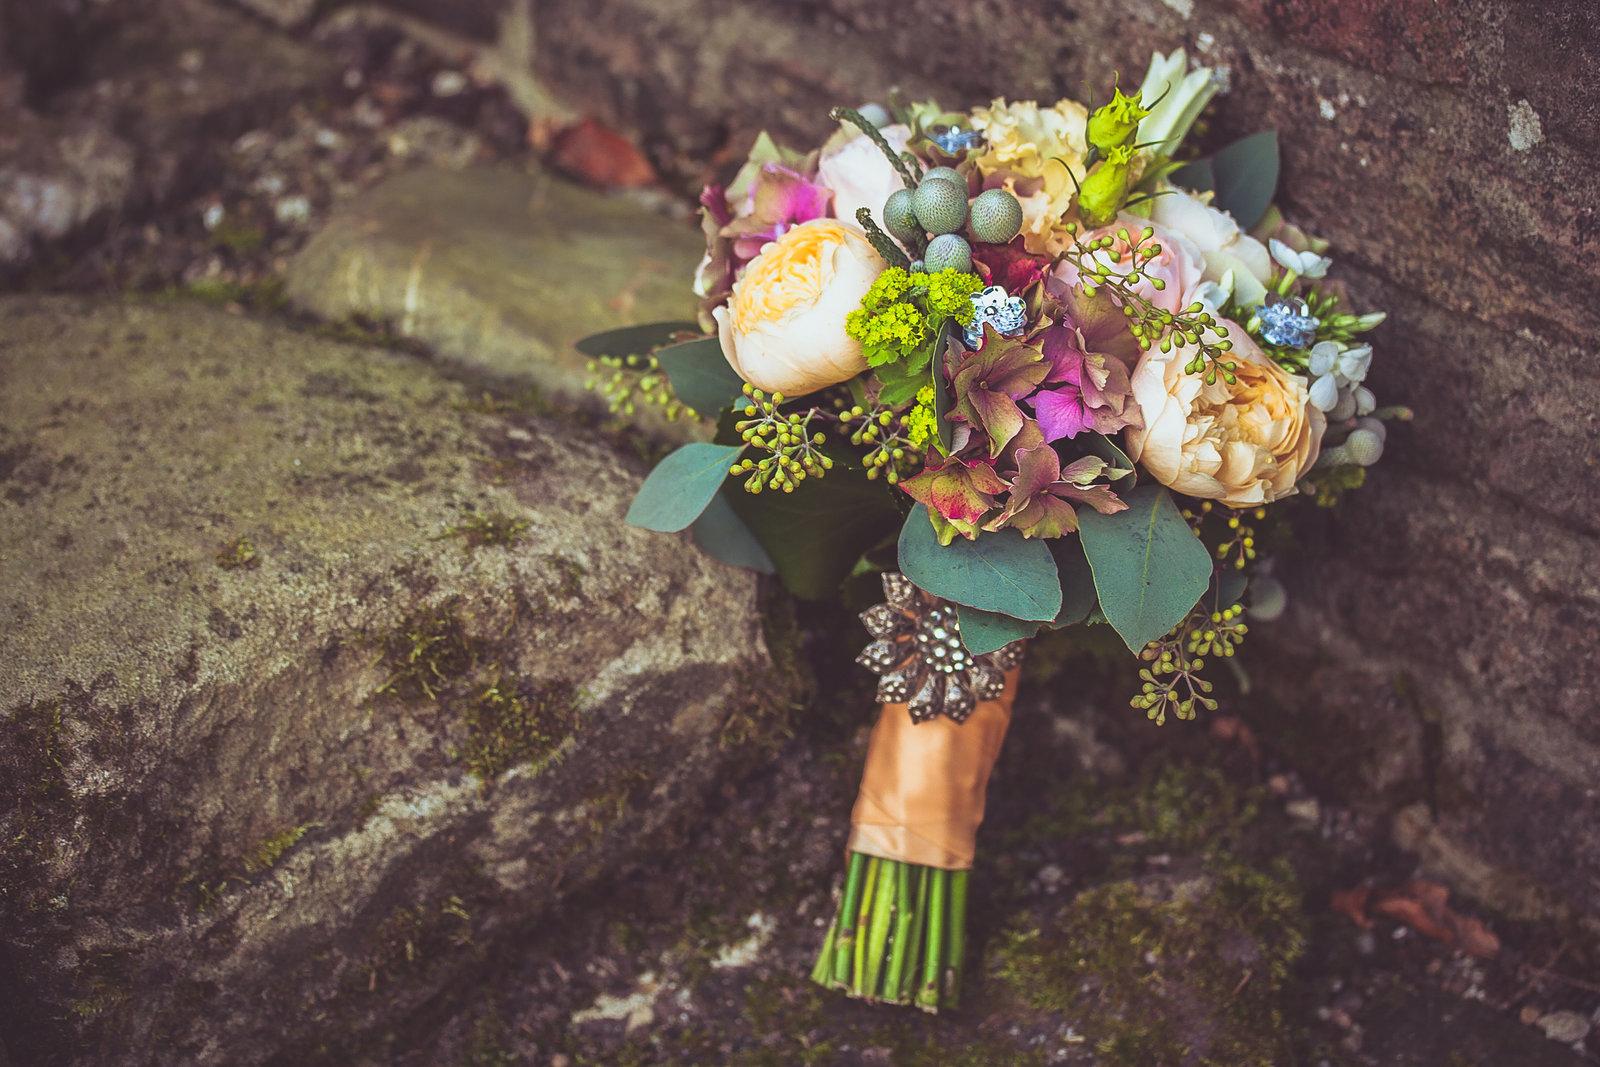 Een detailfoto op je bruiloft: een schitterend bruidsboeket met pioenrozen en een mooie broche. Copyright Nanda Zee-Fritse | FOTOZEE